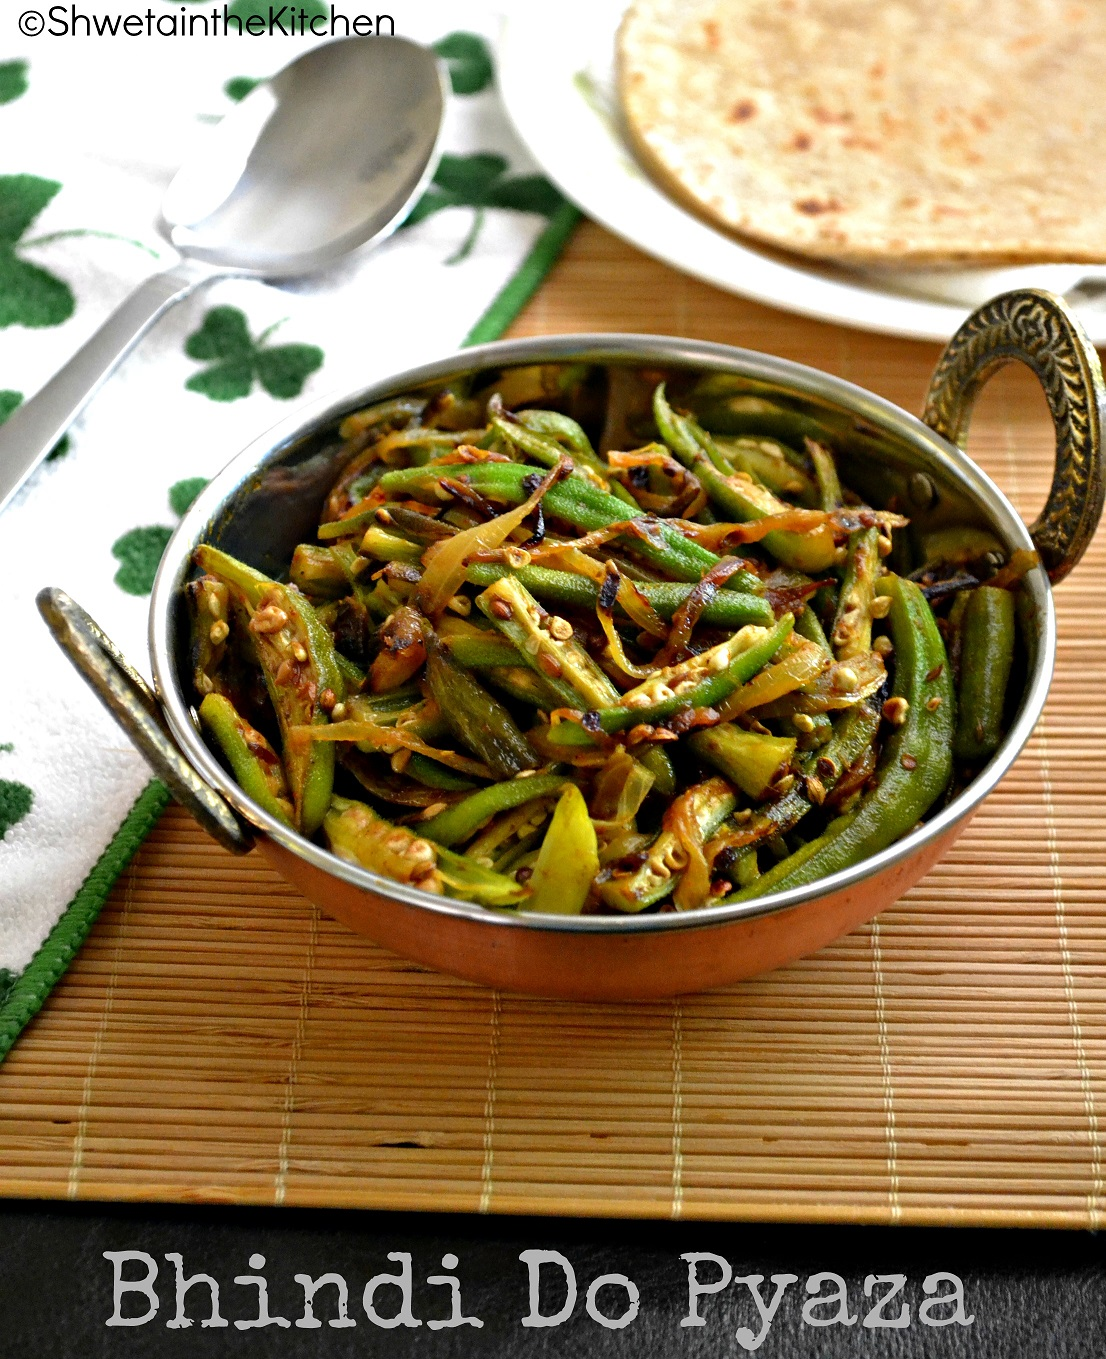 Bhindi Do Pyaza - Okra Stir Fried With Onion Recipes — Dishmaps